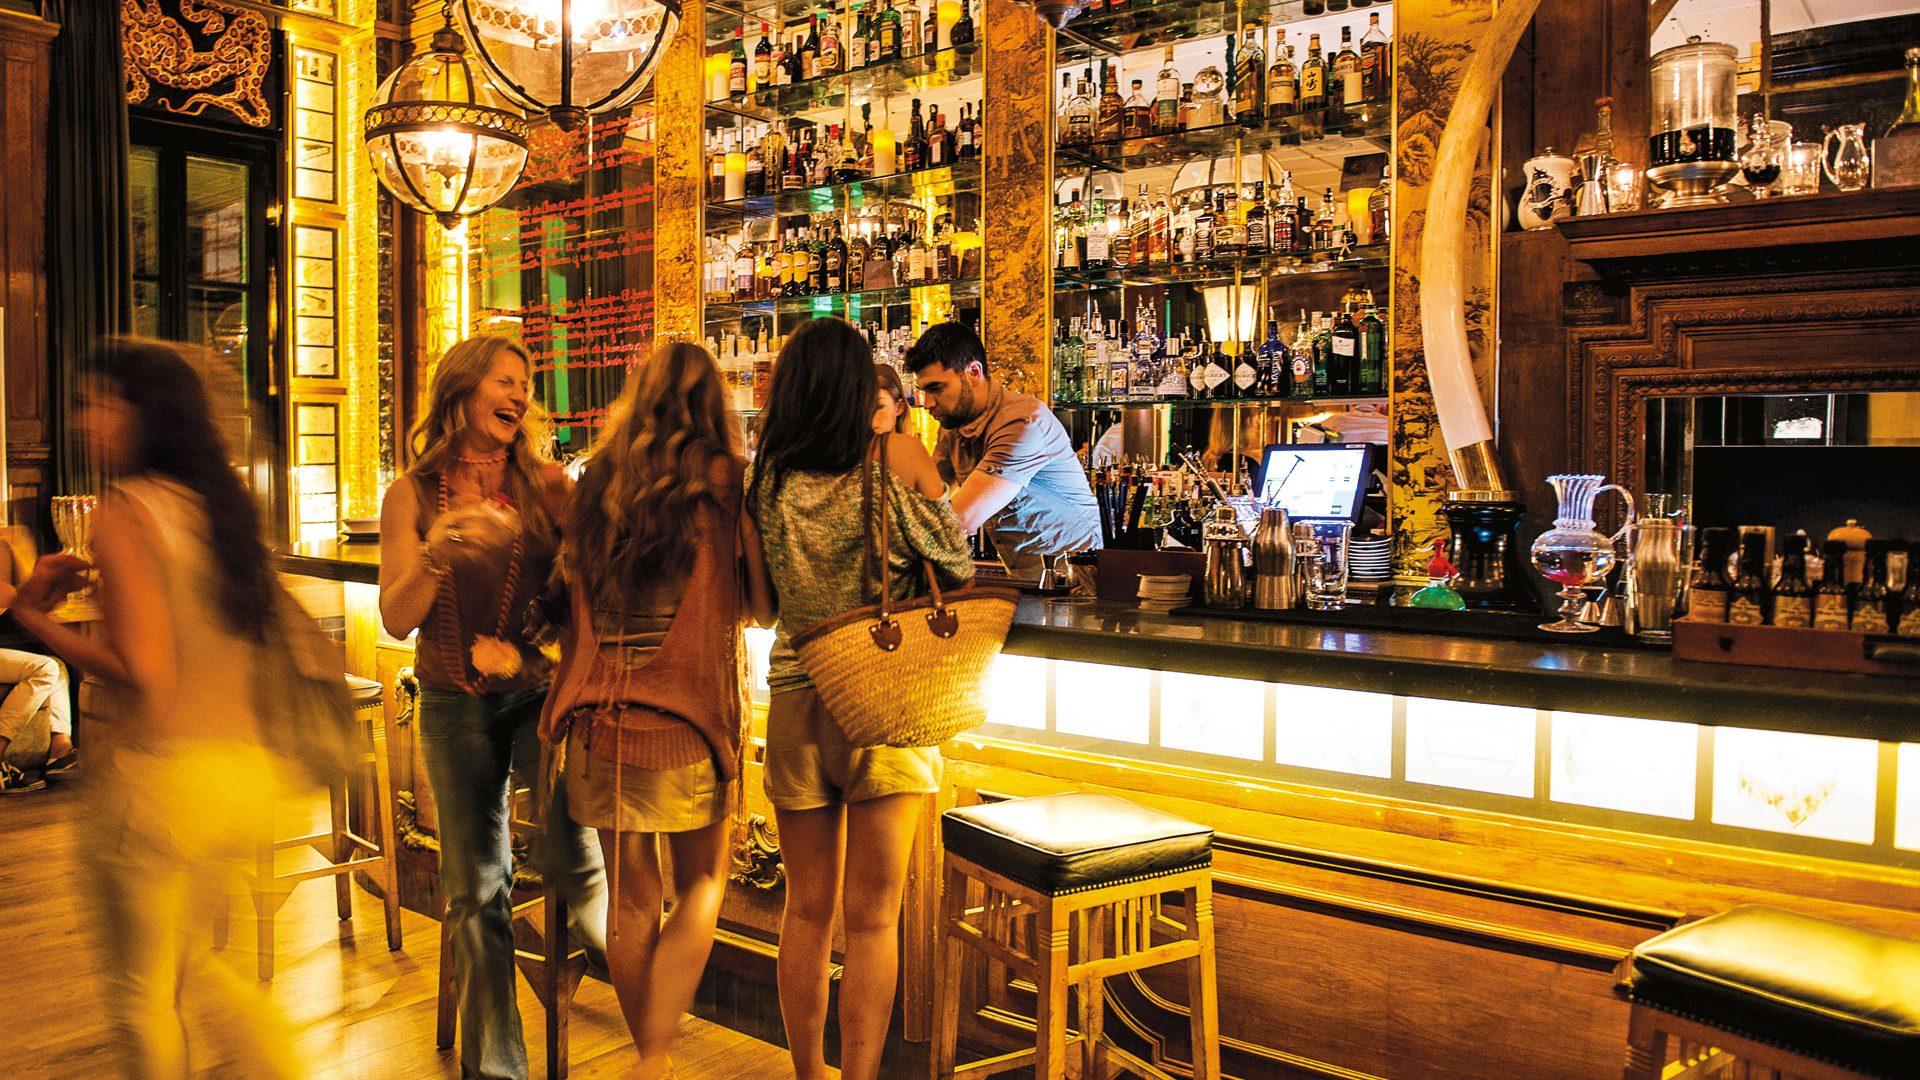 Via Libera Alla Musica Dal Vivo Nei Bar E Locali Di Barcellona